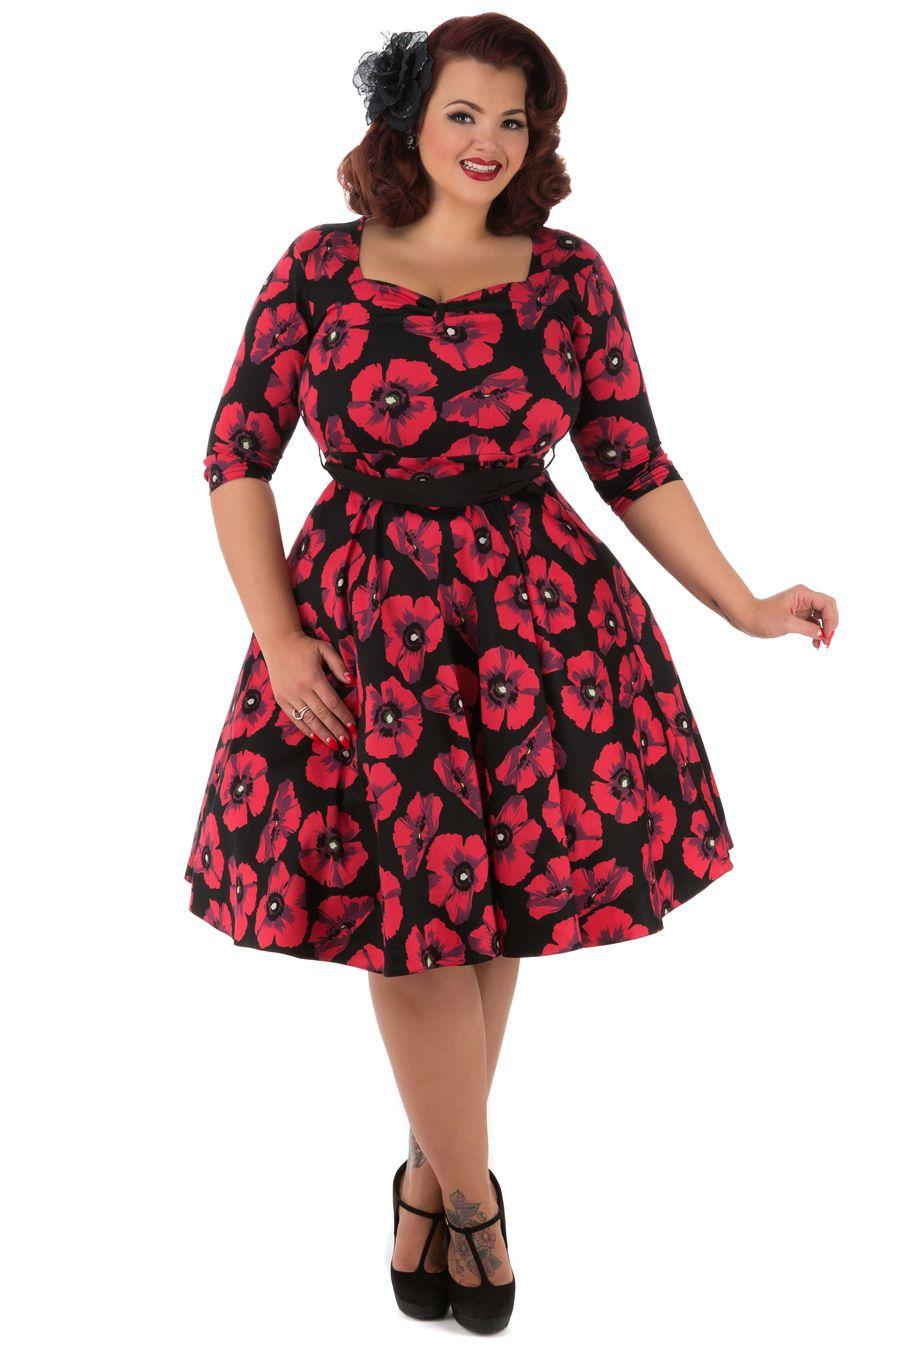 f72f250648d Šaty Lady V London Maria Red Poppy Šaty ve stylu 50. let. pro plnoštíhlé  dámy. Naprosto jedinečné šaty